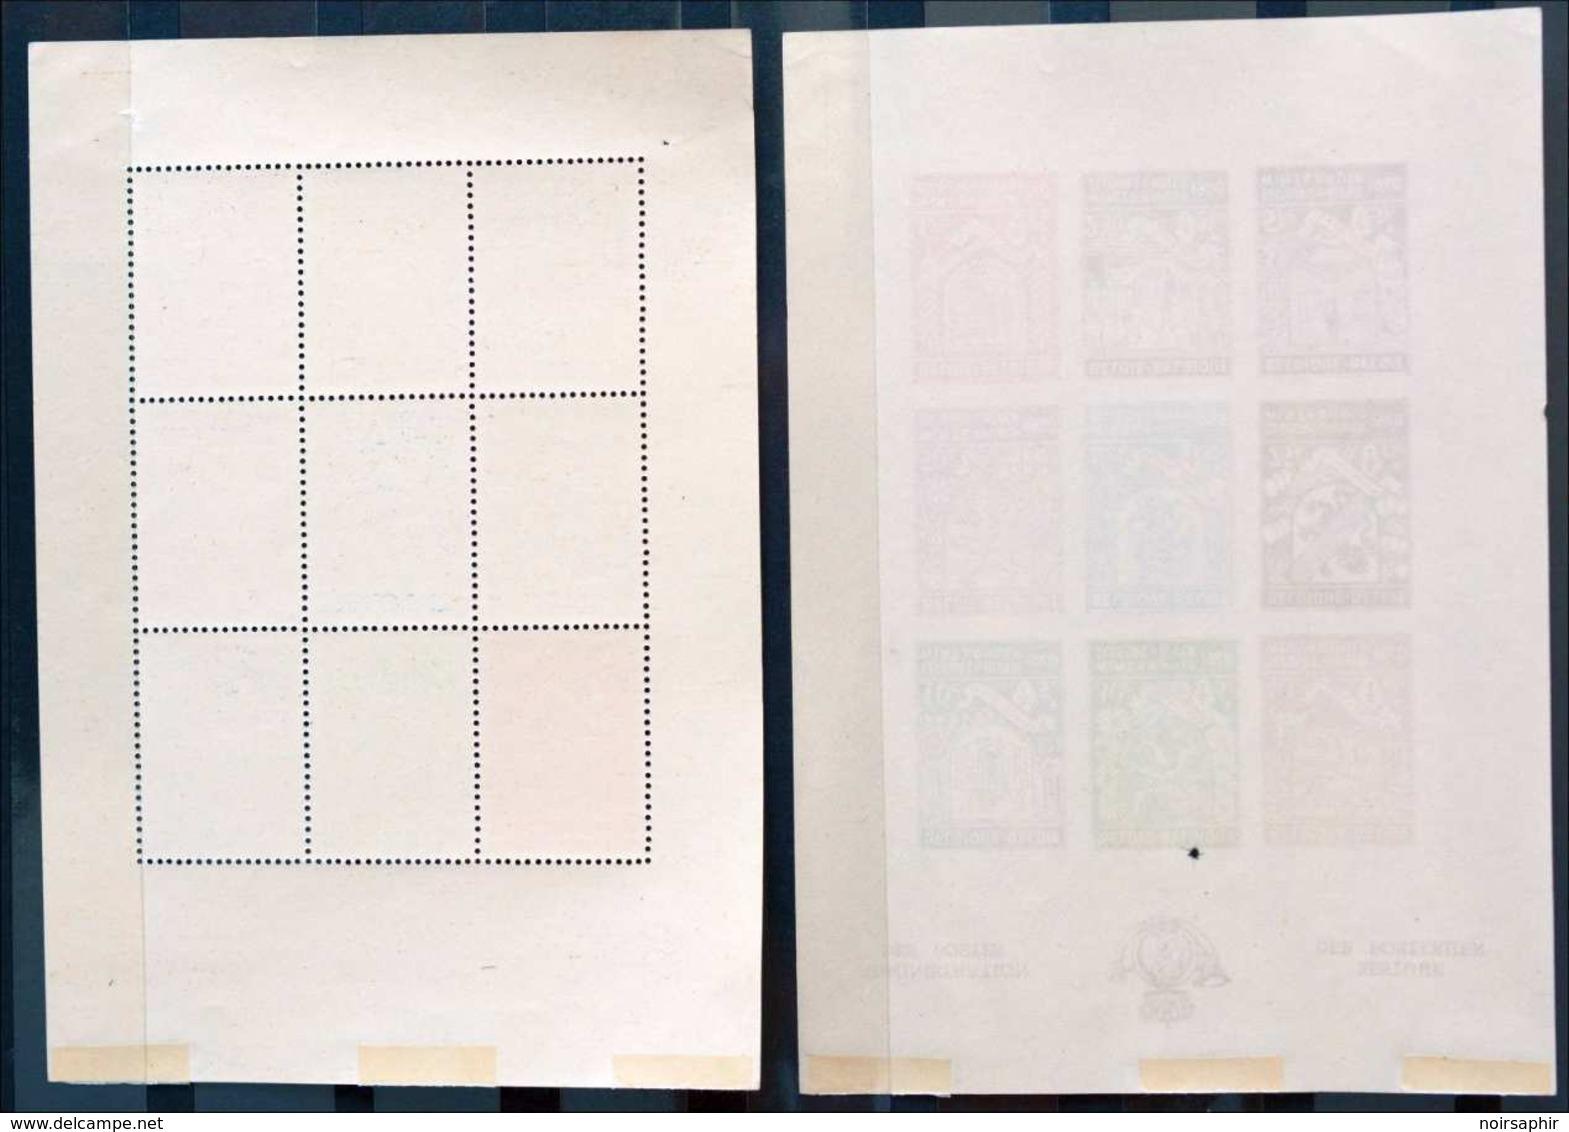 BELGIQUE BLOC FEUILLET X2 SECOURS D'HIVER 1940 DENTELÉ + NON DENTELÉ NEUF * MH WINTERHULP ADMINISTRATION DES POSTES - Blocs 1924-1960